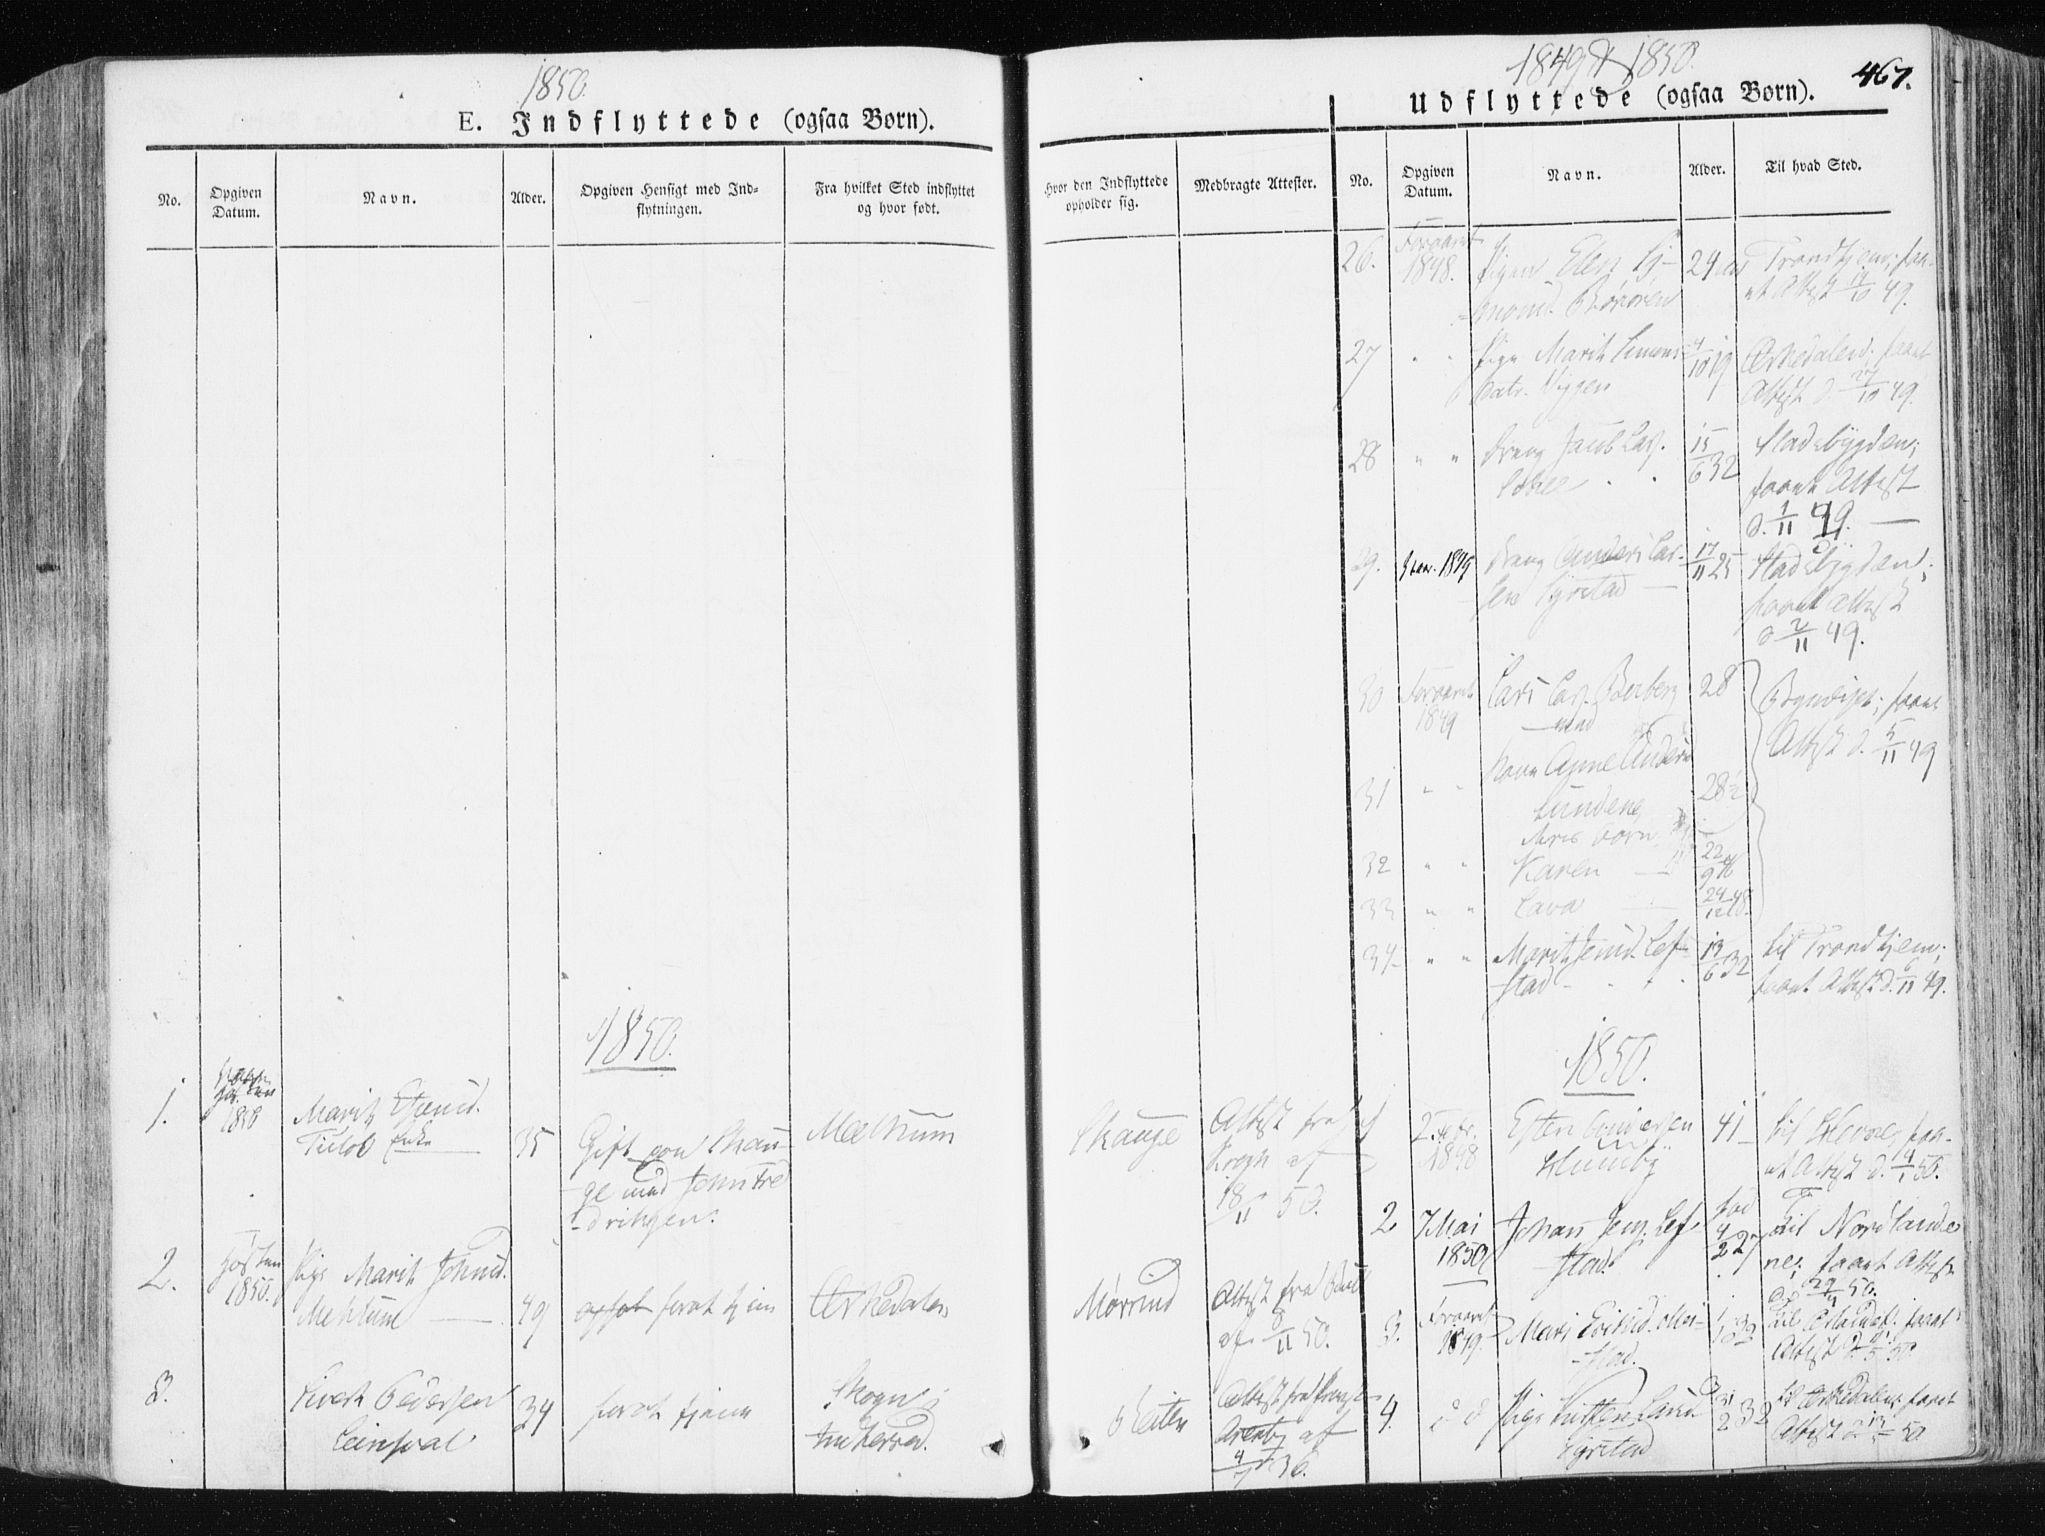 SAT, Ministerialprotokoller, klokkerbøker og fødselsregistre - Sør-Trøndelag, 665/L0771: Ministerialbok nr. 665A06, 1830-1856, s. 467